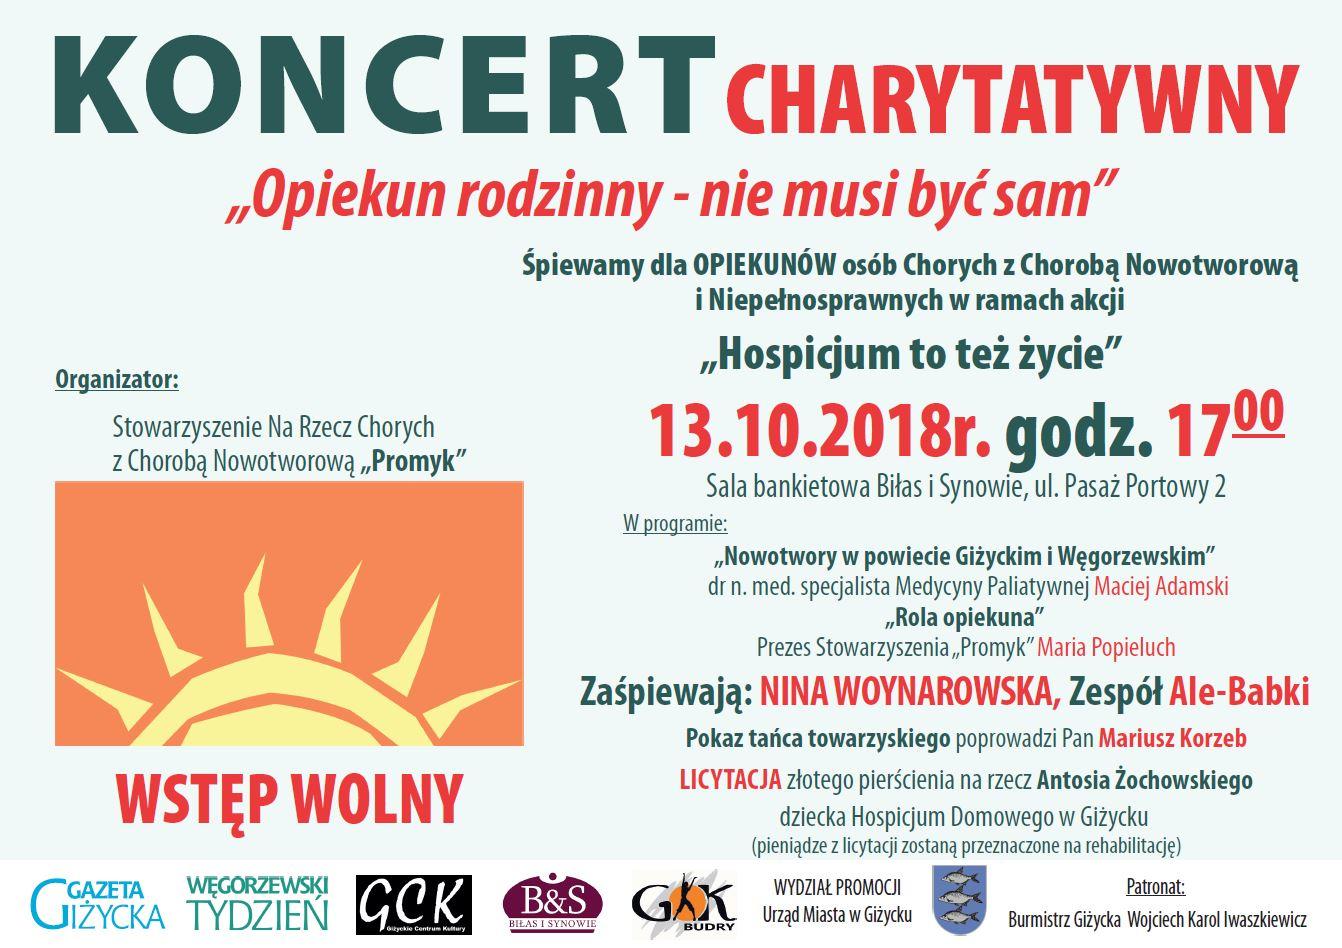 koncert1-01-4c-big